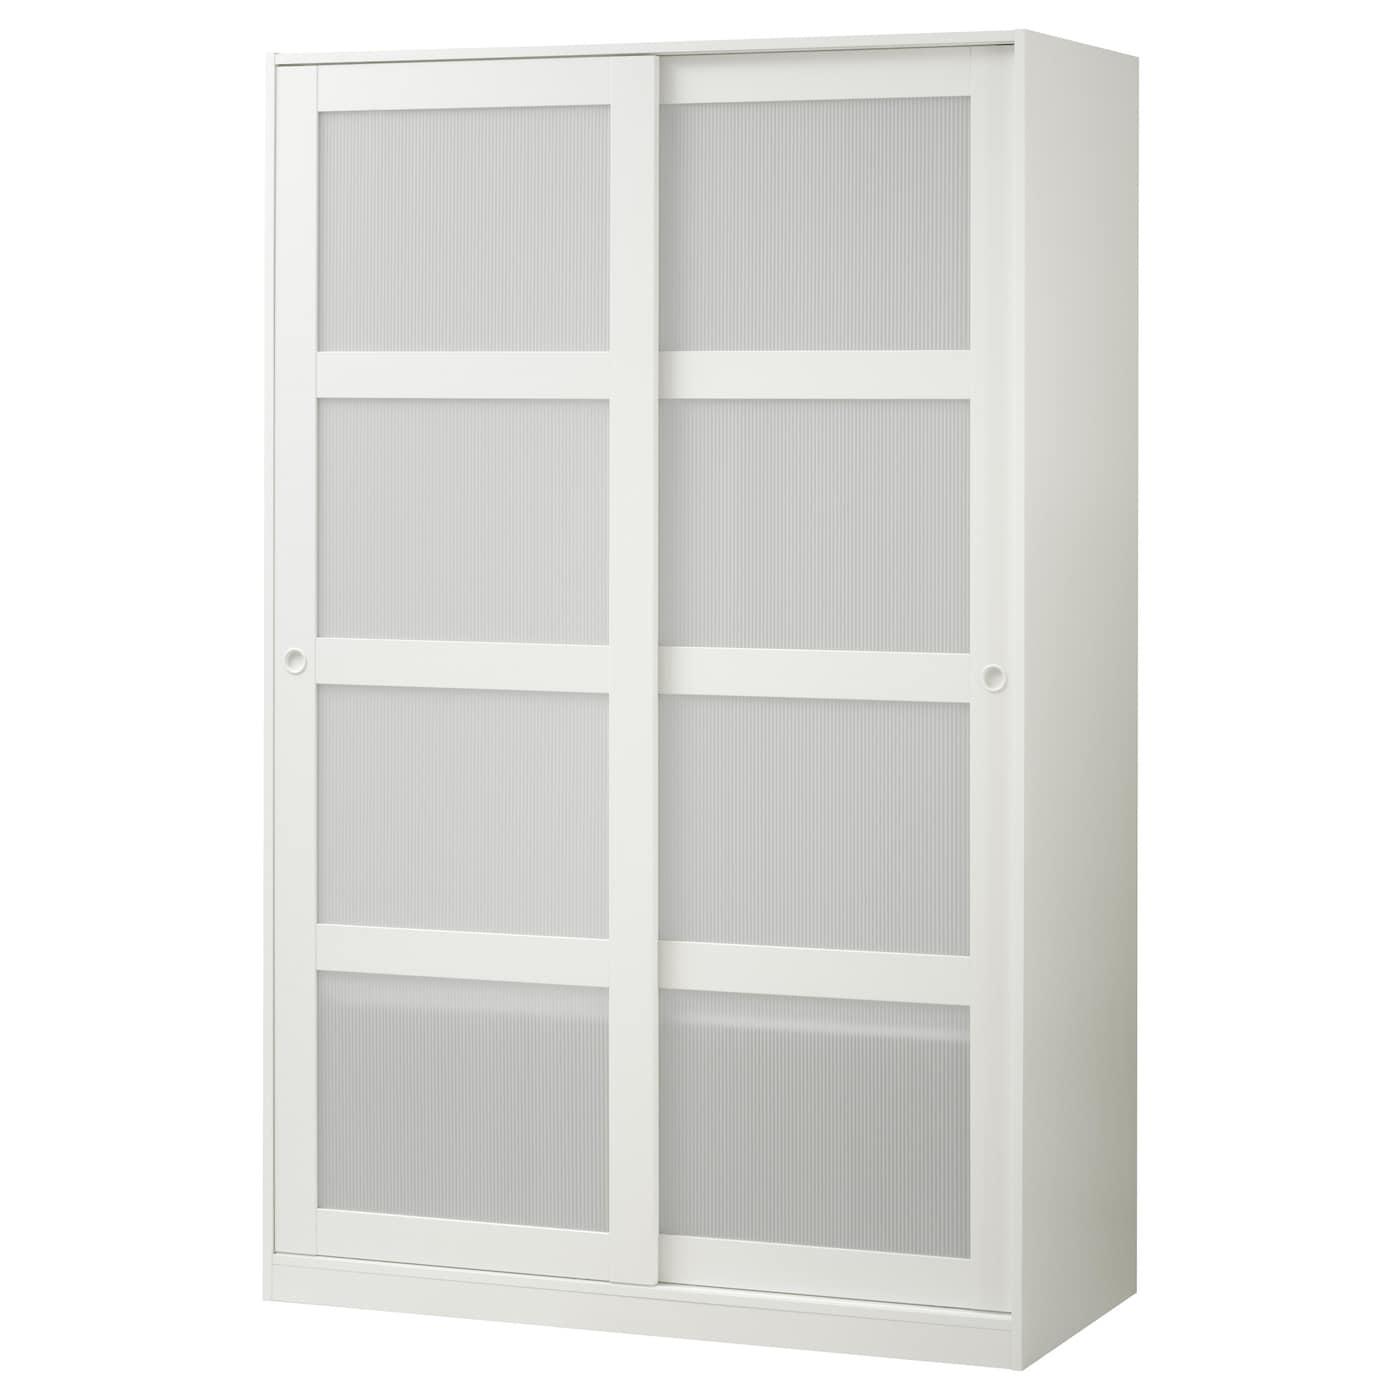 Kvikne Armario 2 Puertas Correderas Blanco 120 X 190 Cm Ikea